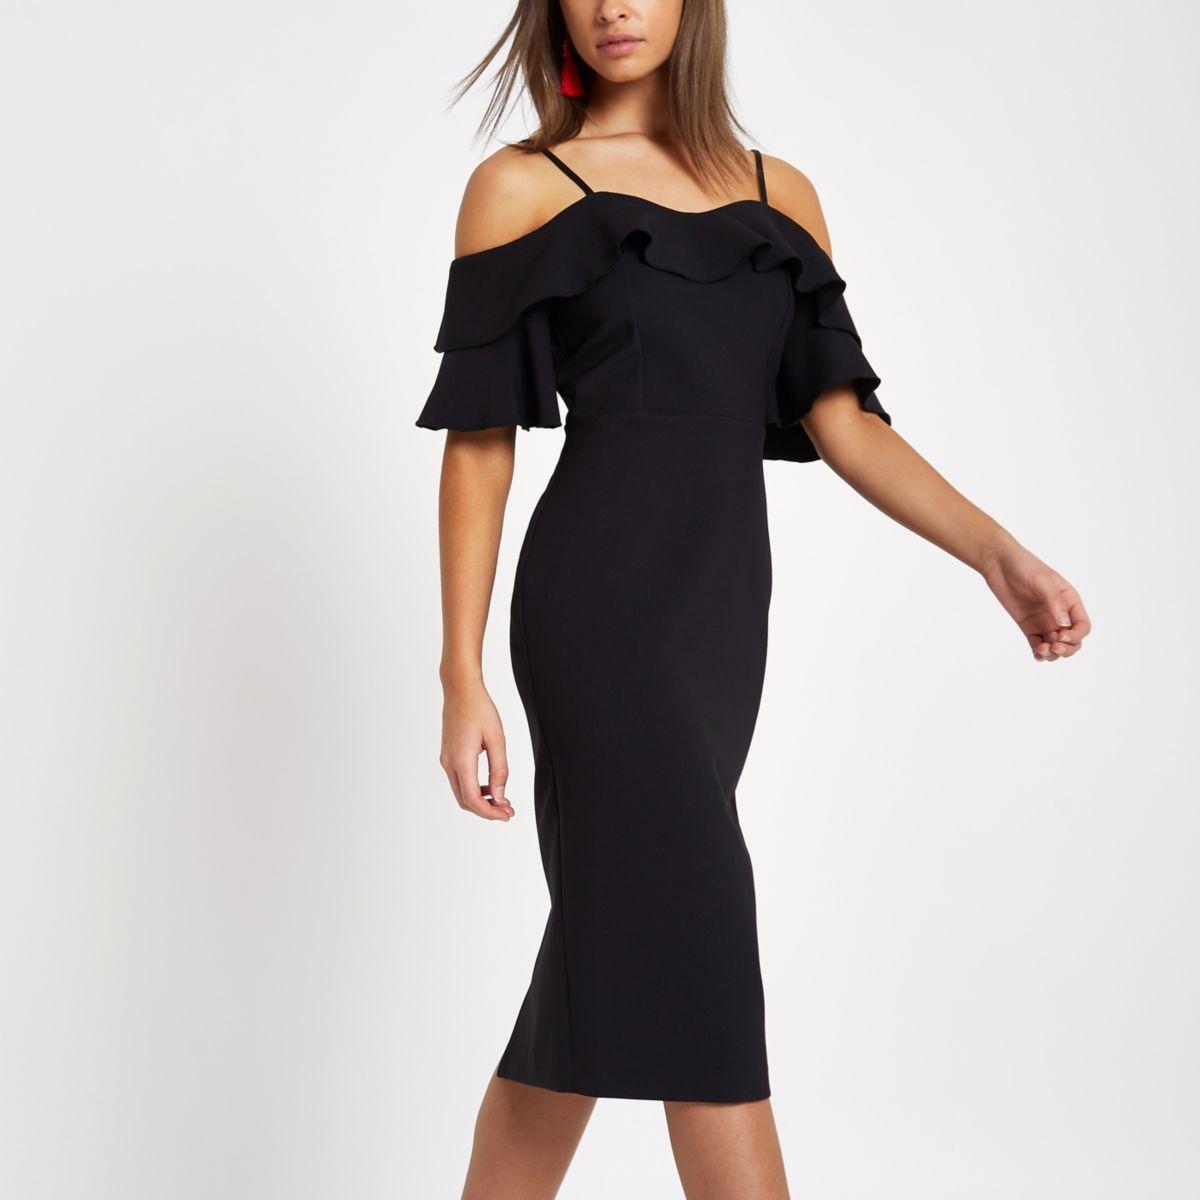 Schwarzes, schulterfreies Bodycon-Kleid